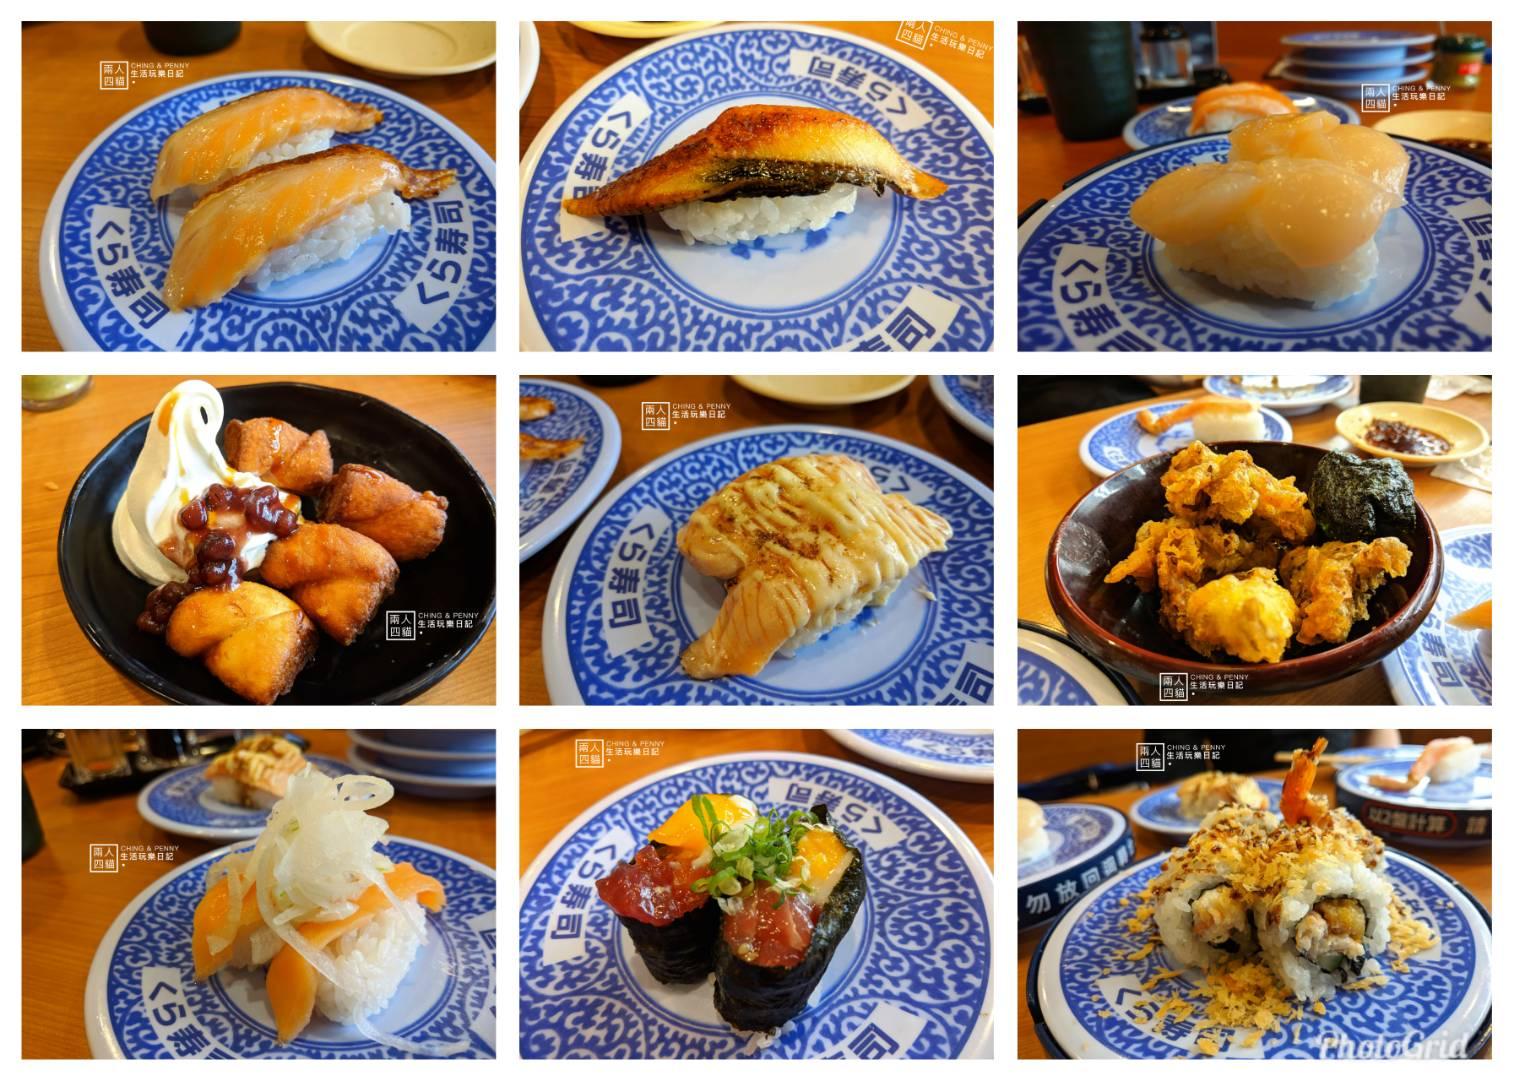 【台北|美食】鮭魚控看過來!一試成主顧的藏壽司(KURA SUSHI)初體驗,一盤40元還有扭蛋可以玩!